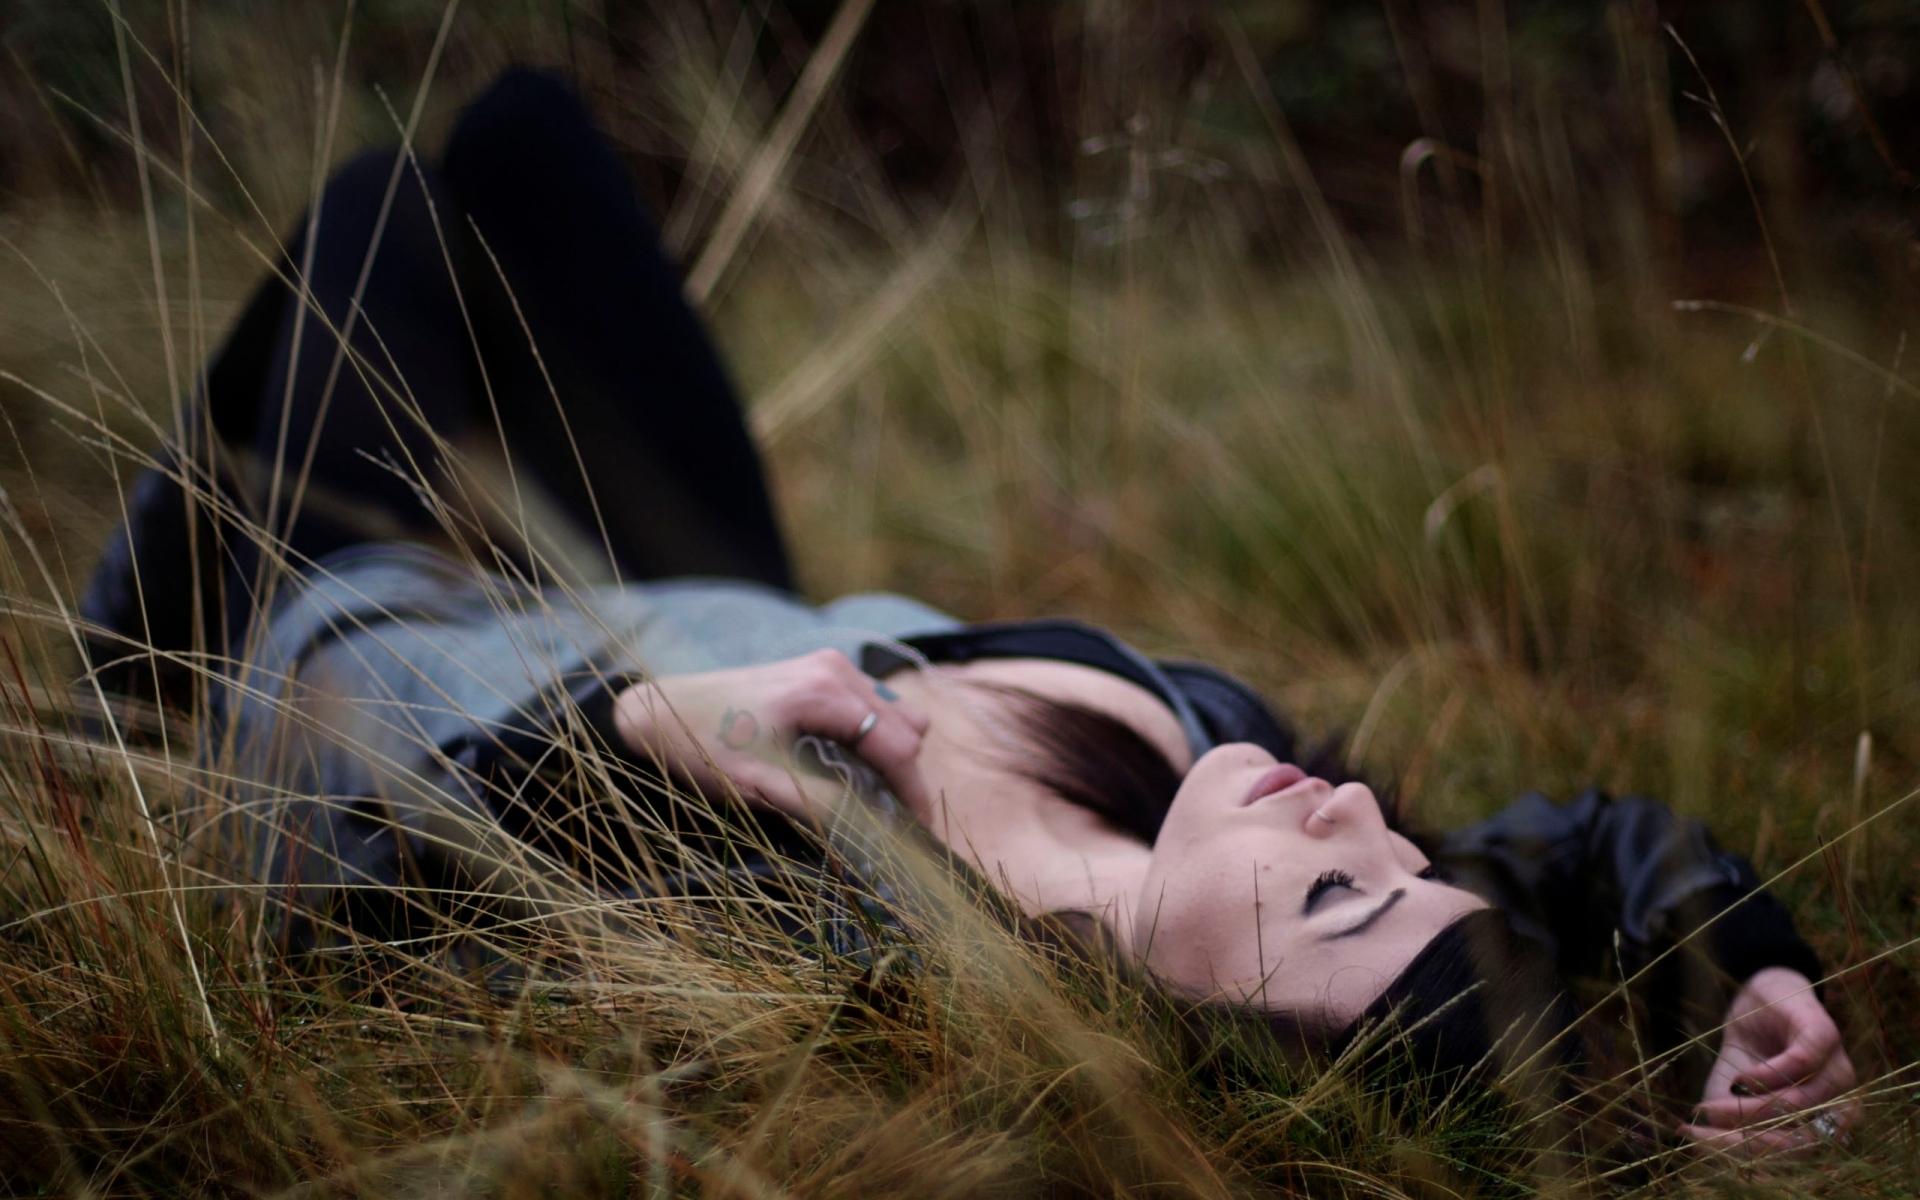 рецепты смотрят на звезды лежа в траве фото возникает избытка